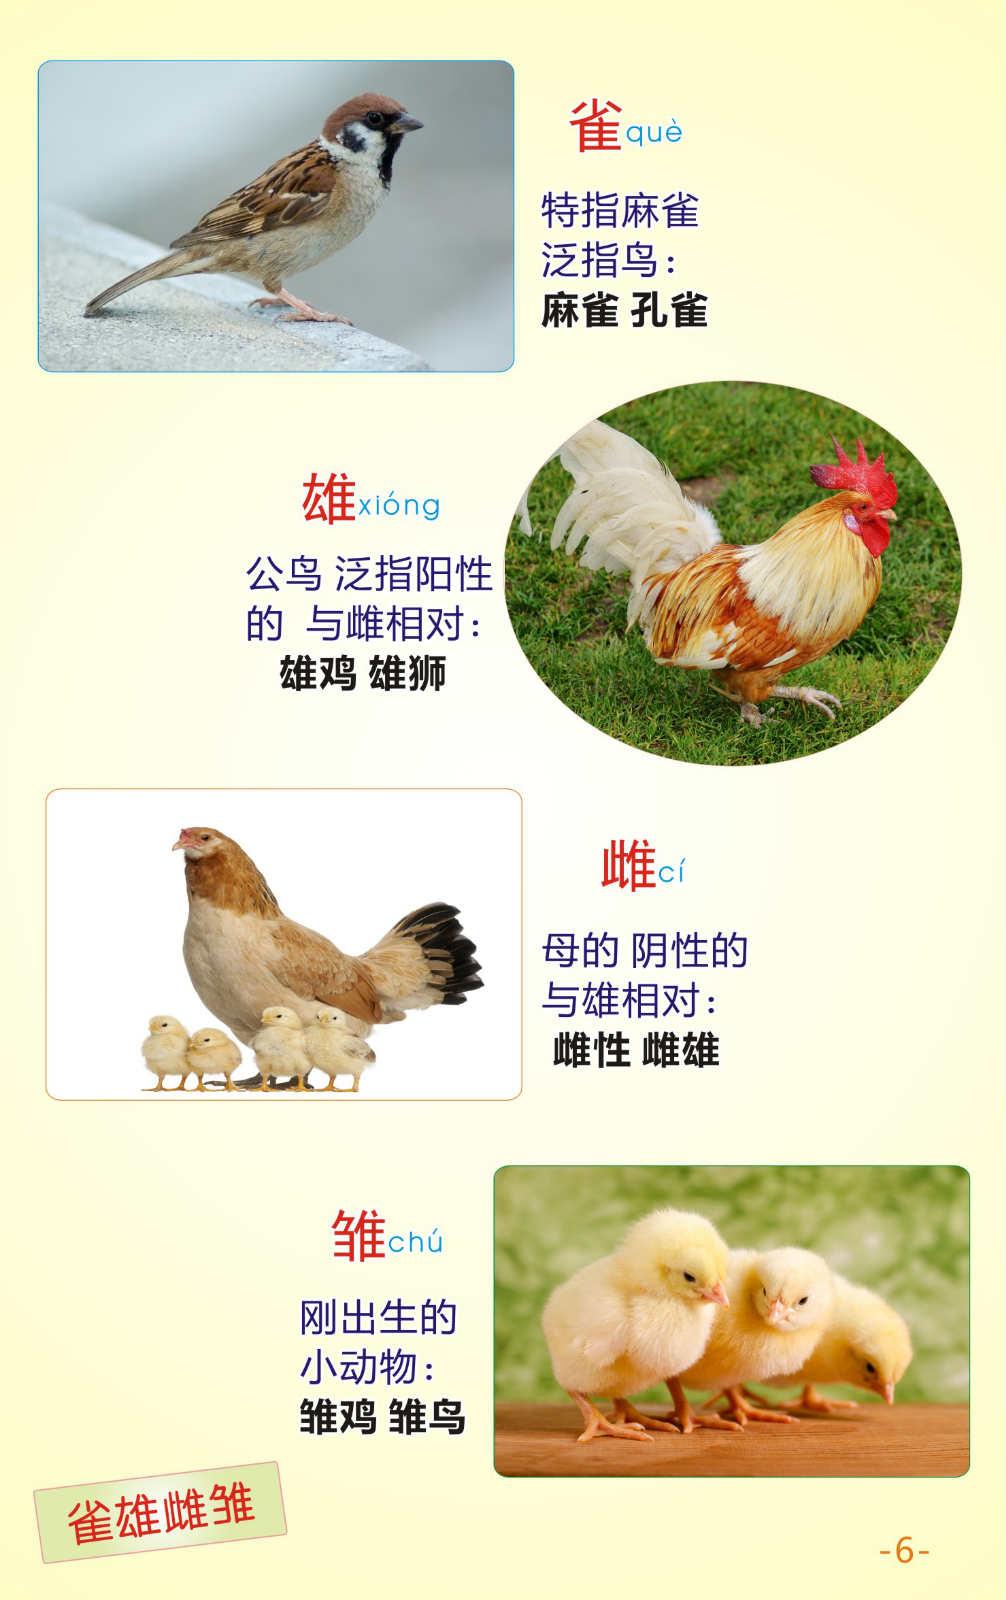 快快识字专业从事汉语学习课程